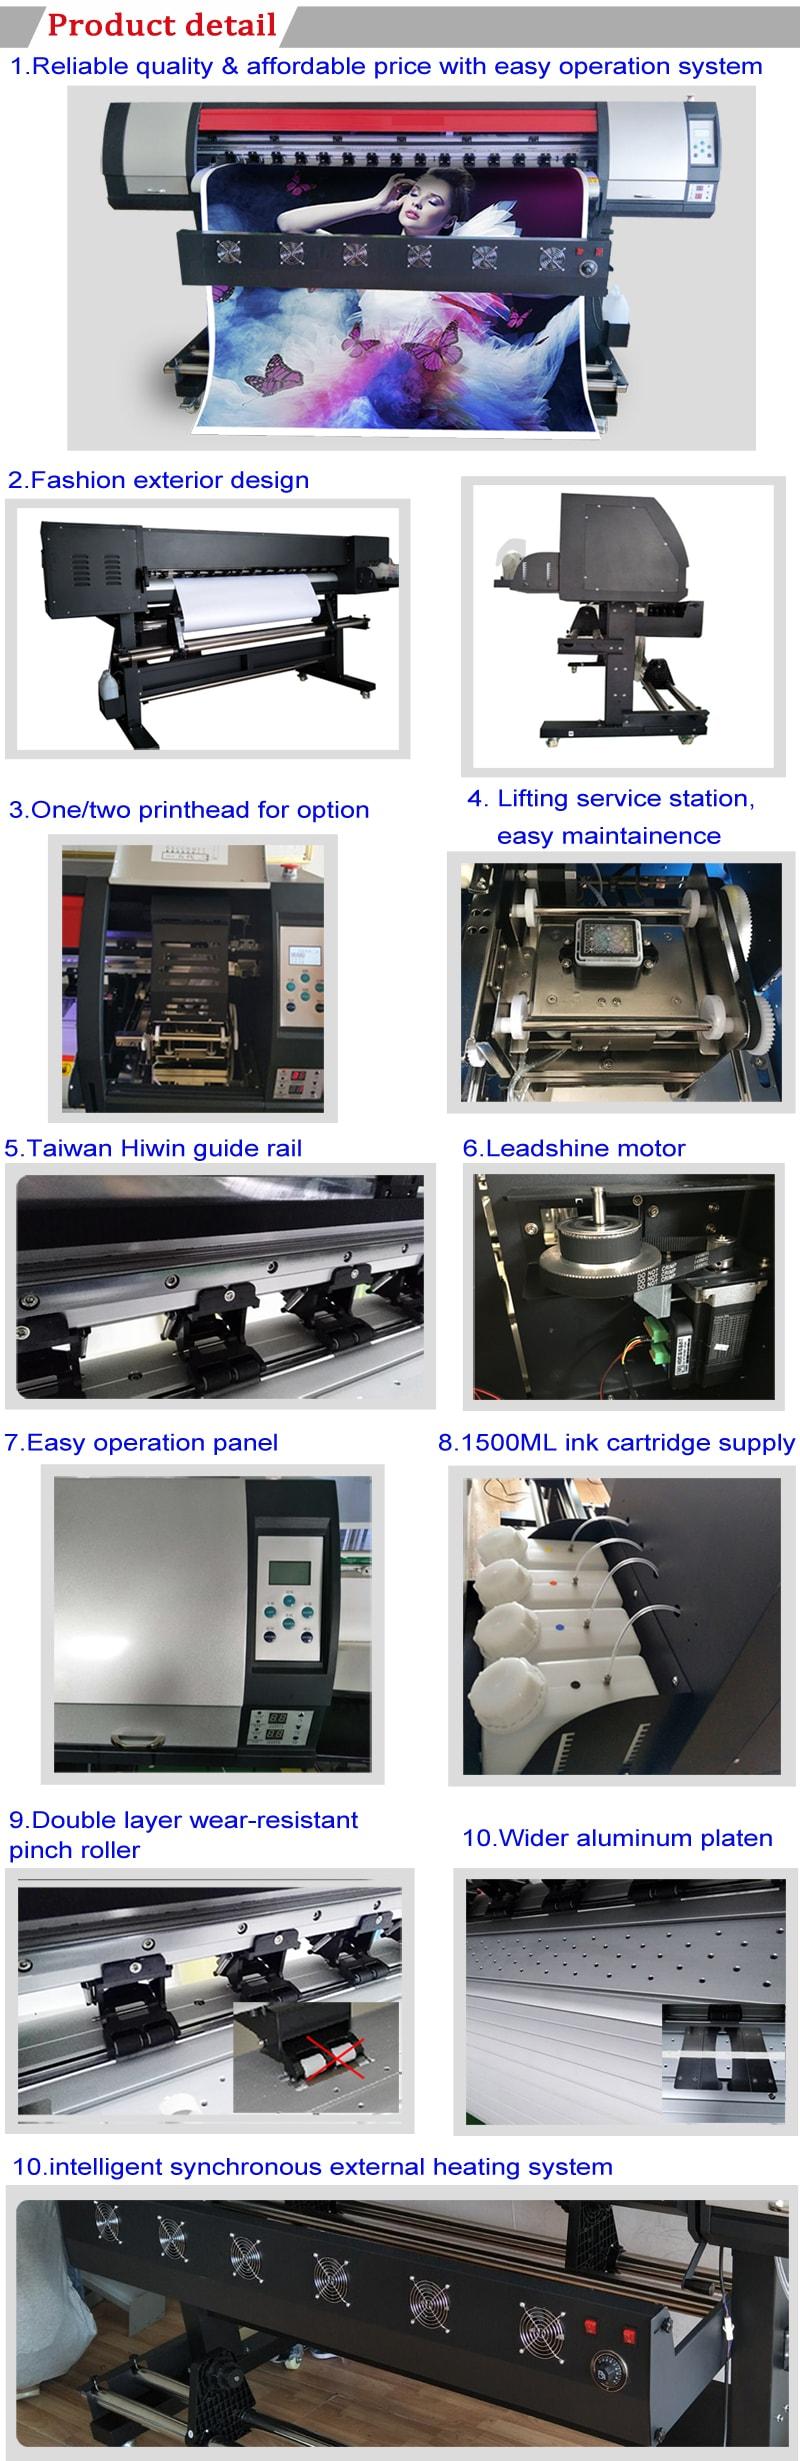 μηχανή εκτύπωσης μεγάλου μεγέθους